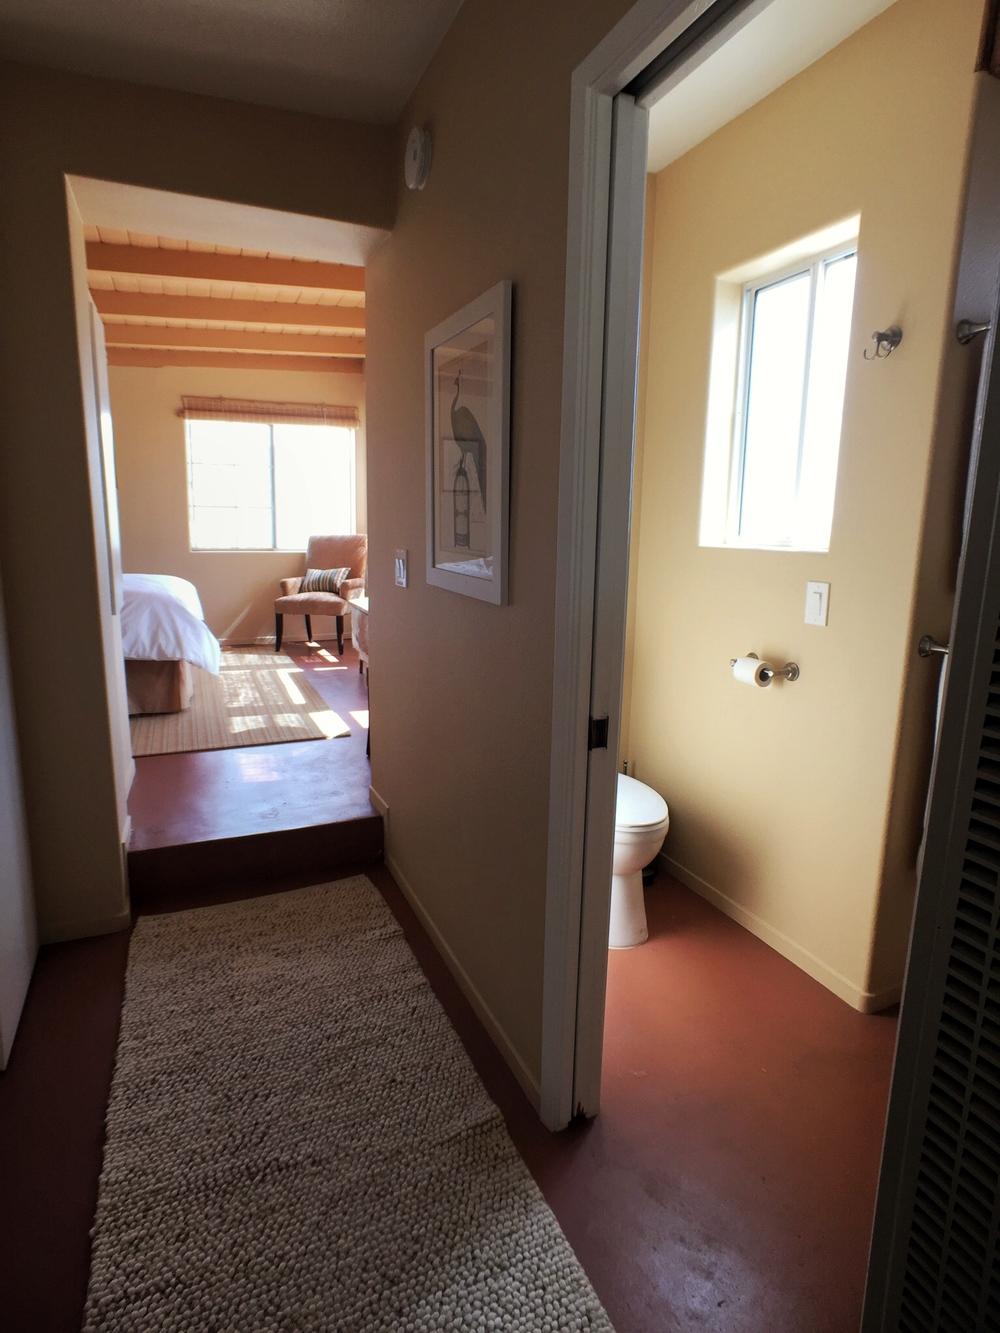 Los-Vientos-Hideaway-Bathroom Hallway Area 1.jpg